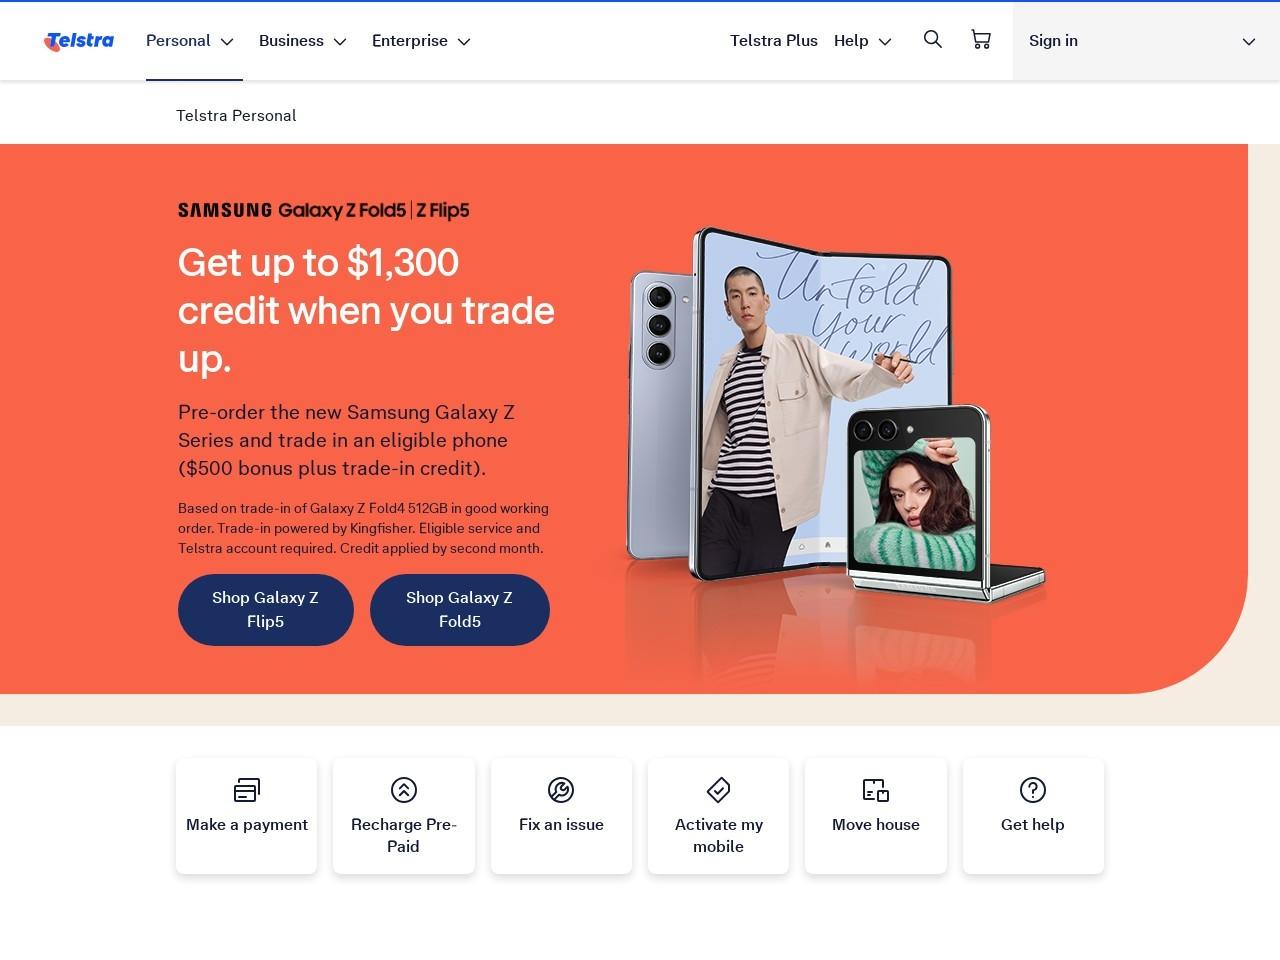 telstra.com.au